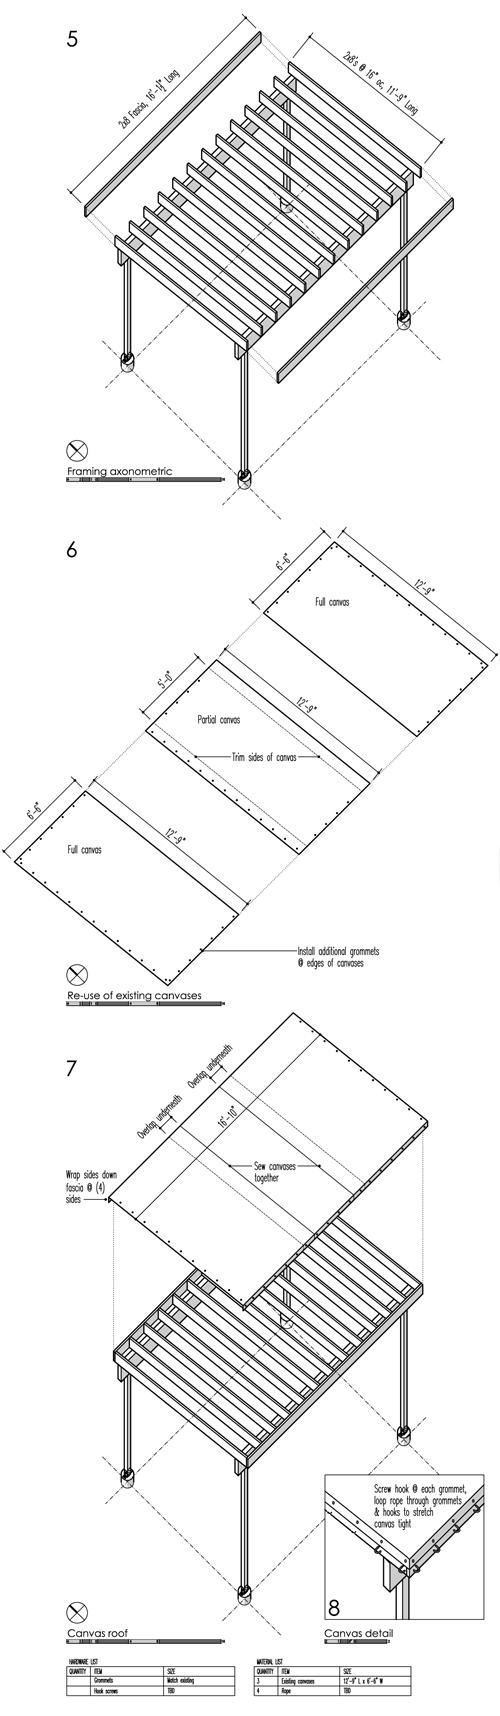 build-llc-sygw-listening-circle-131